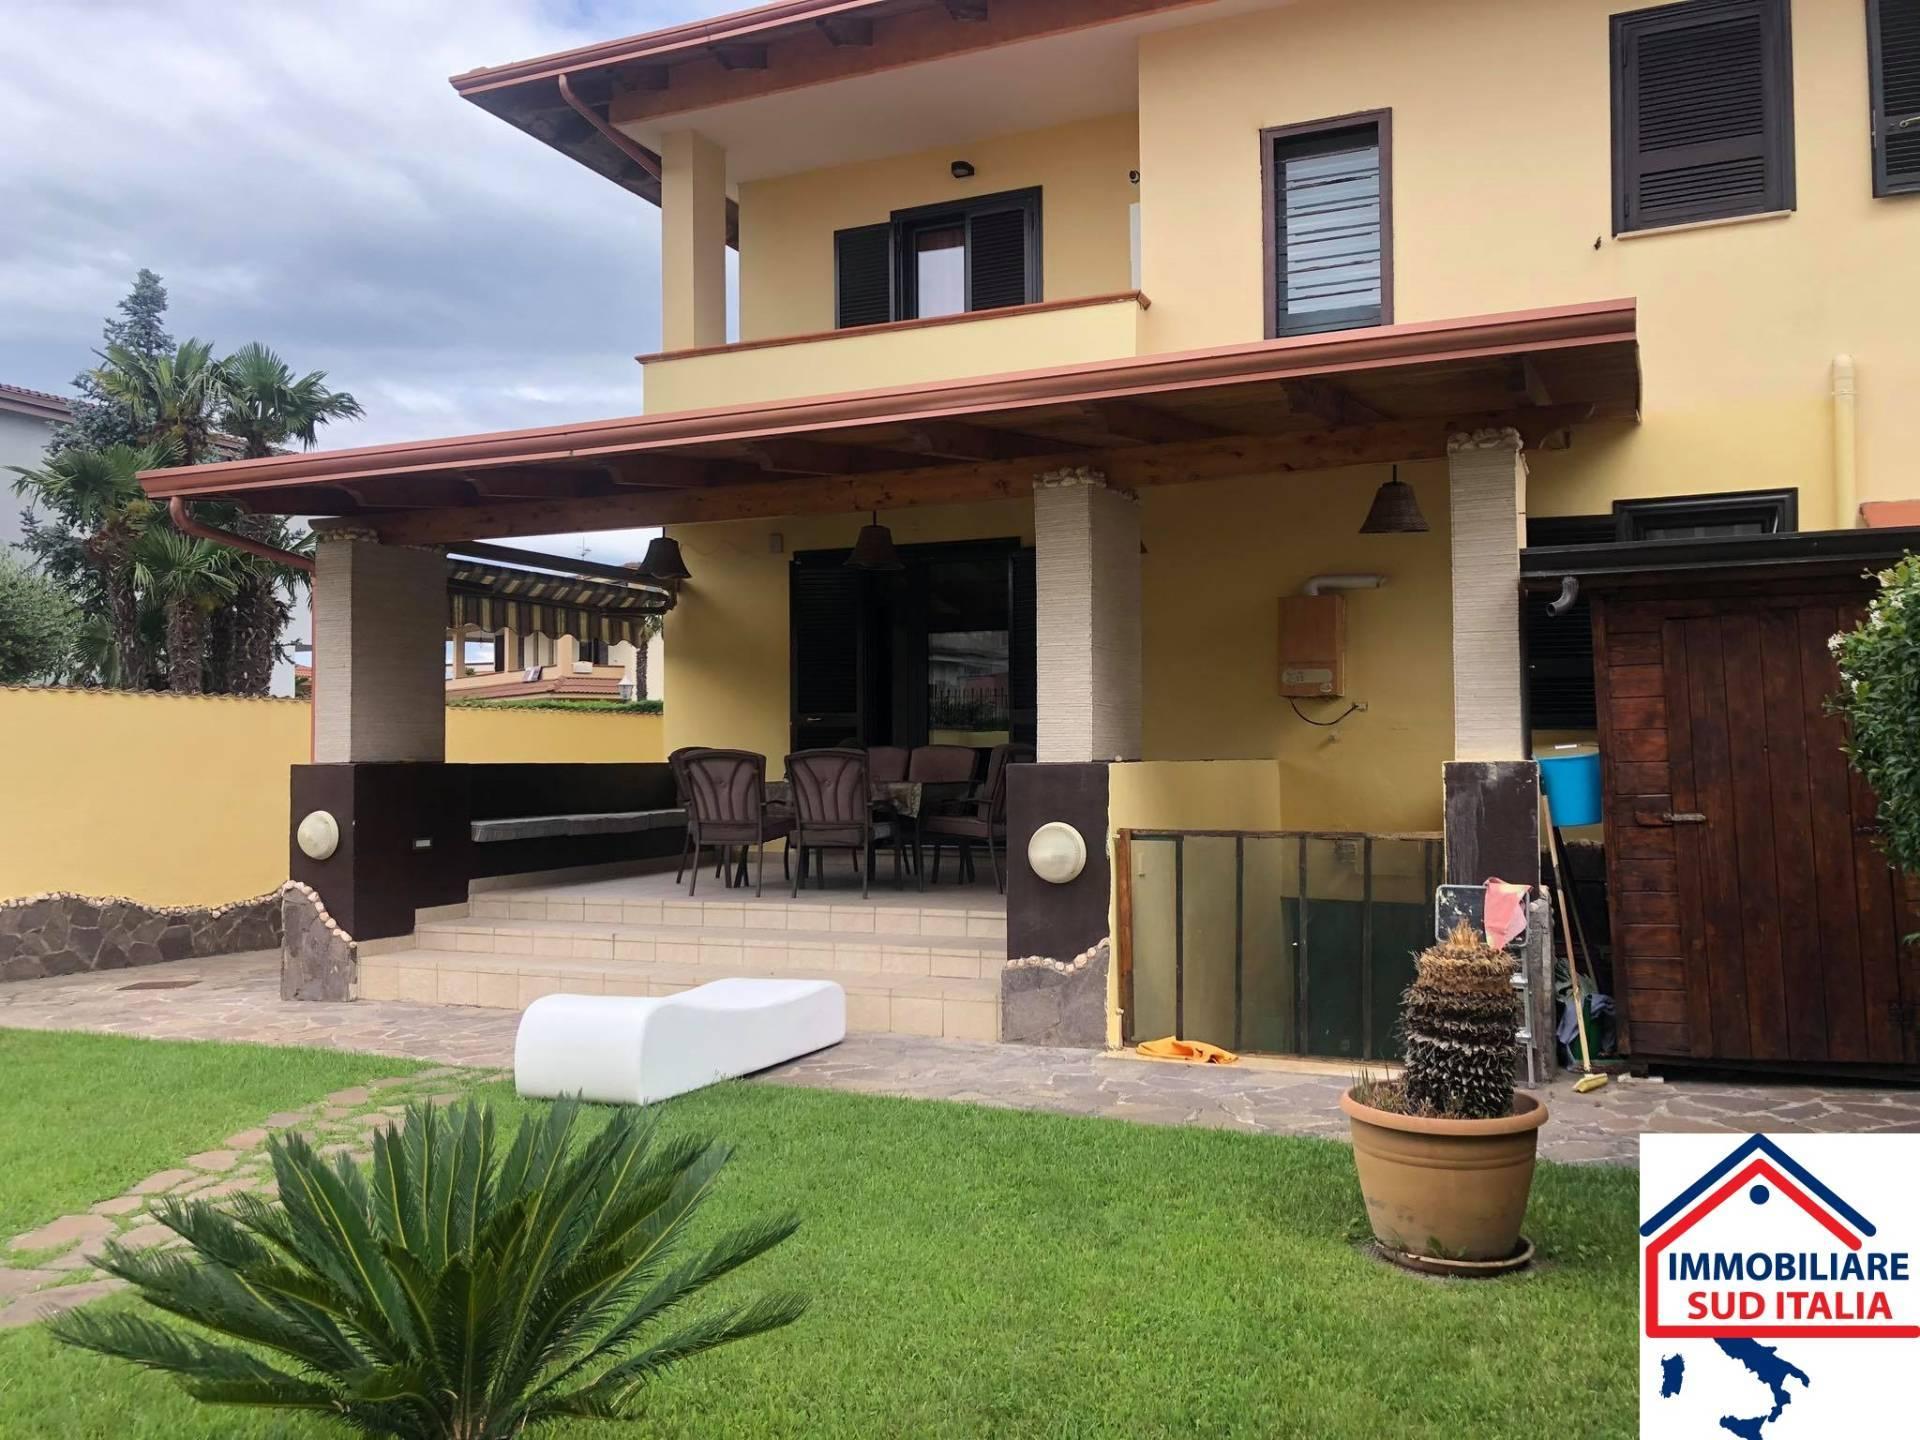 Villa in affitto a Giugliano in Campania, 4 locali, zona Zona: Varcaturo, prezzo € 1.800 | CambioCasa.it